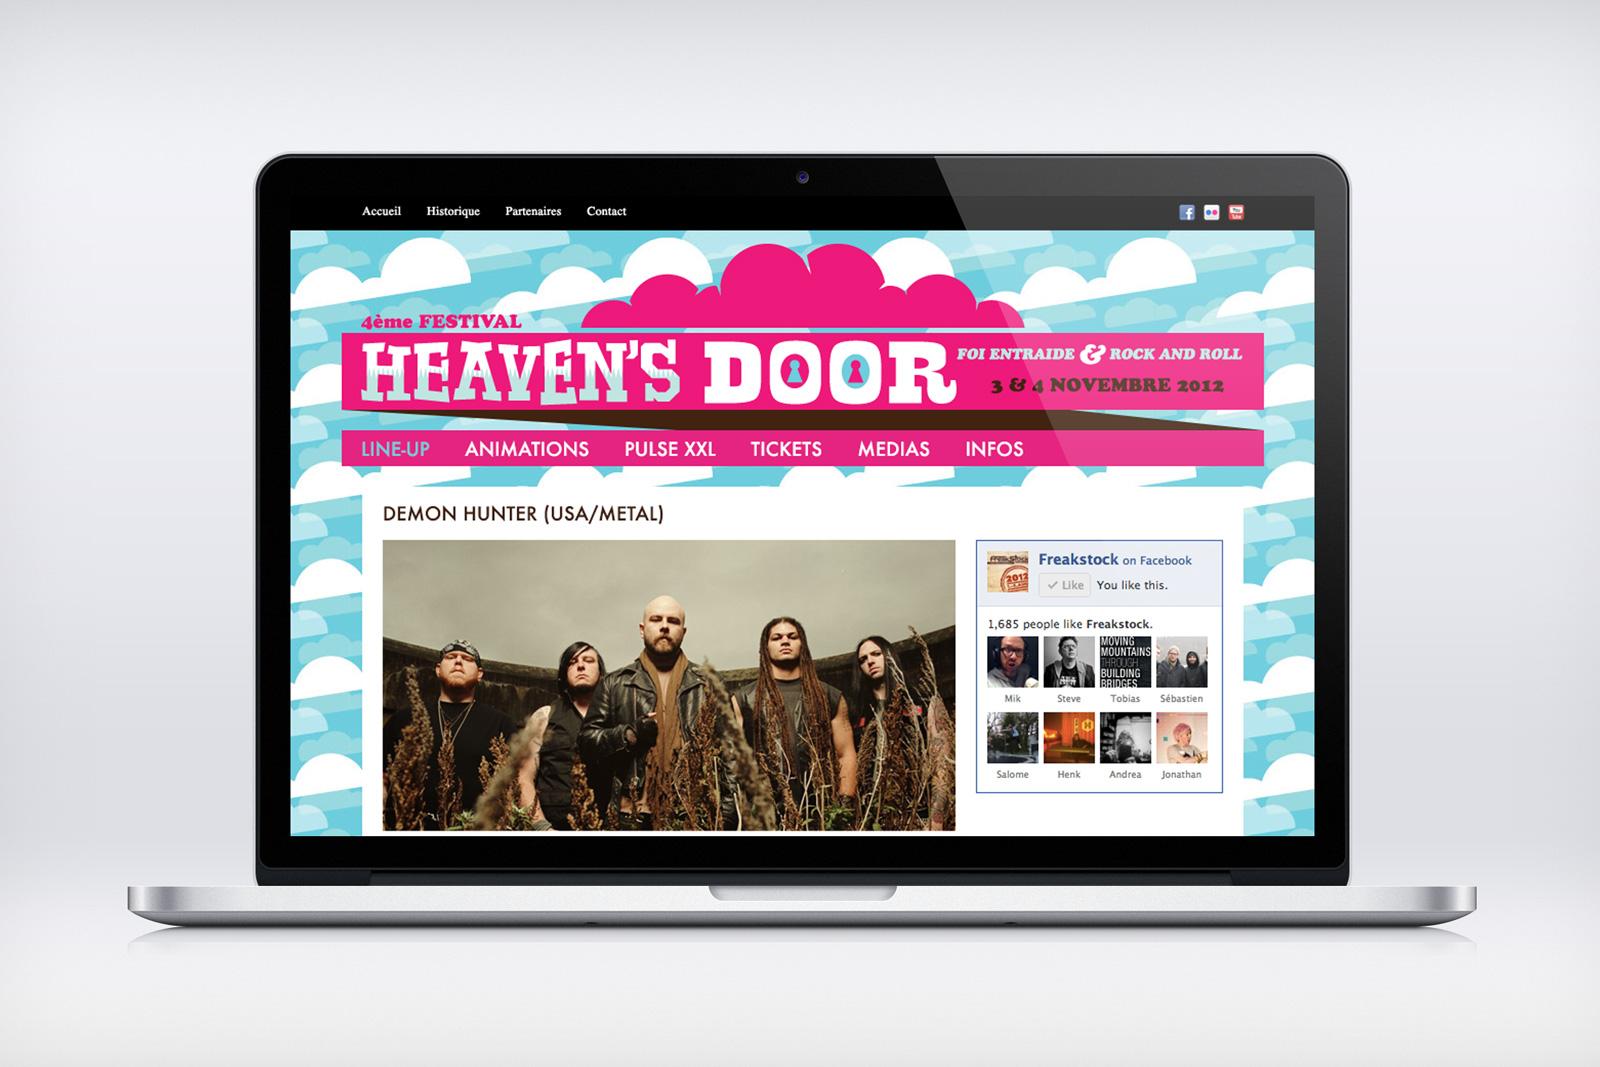 heavens-door-2012-web